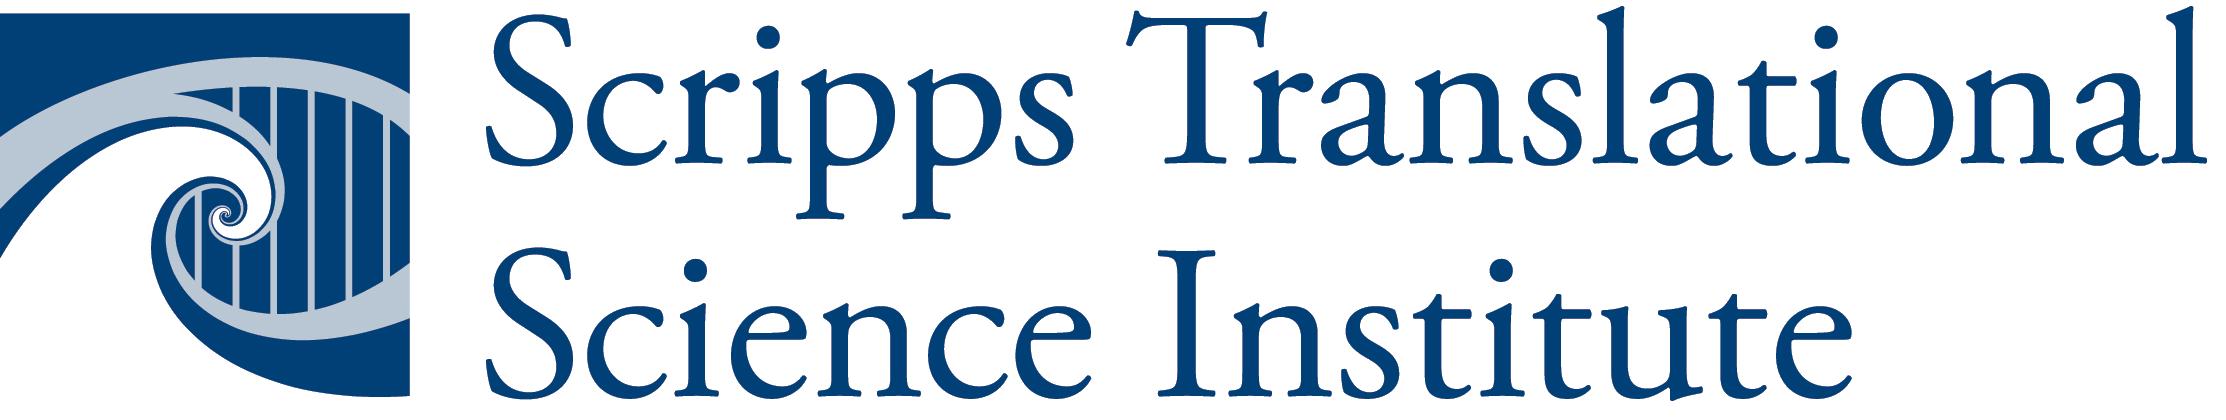 STSI_logo